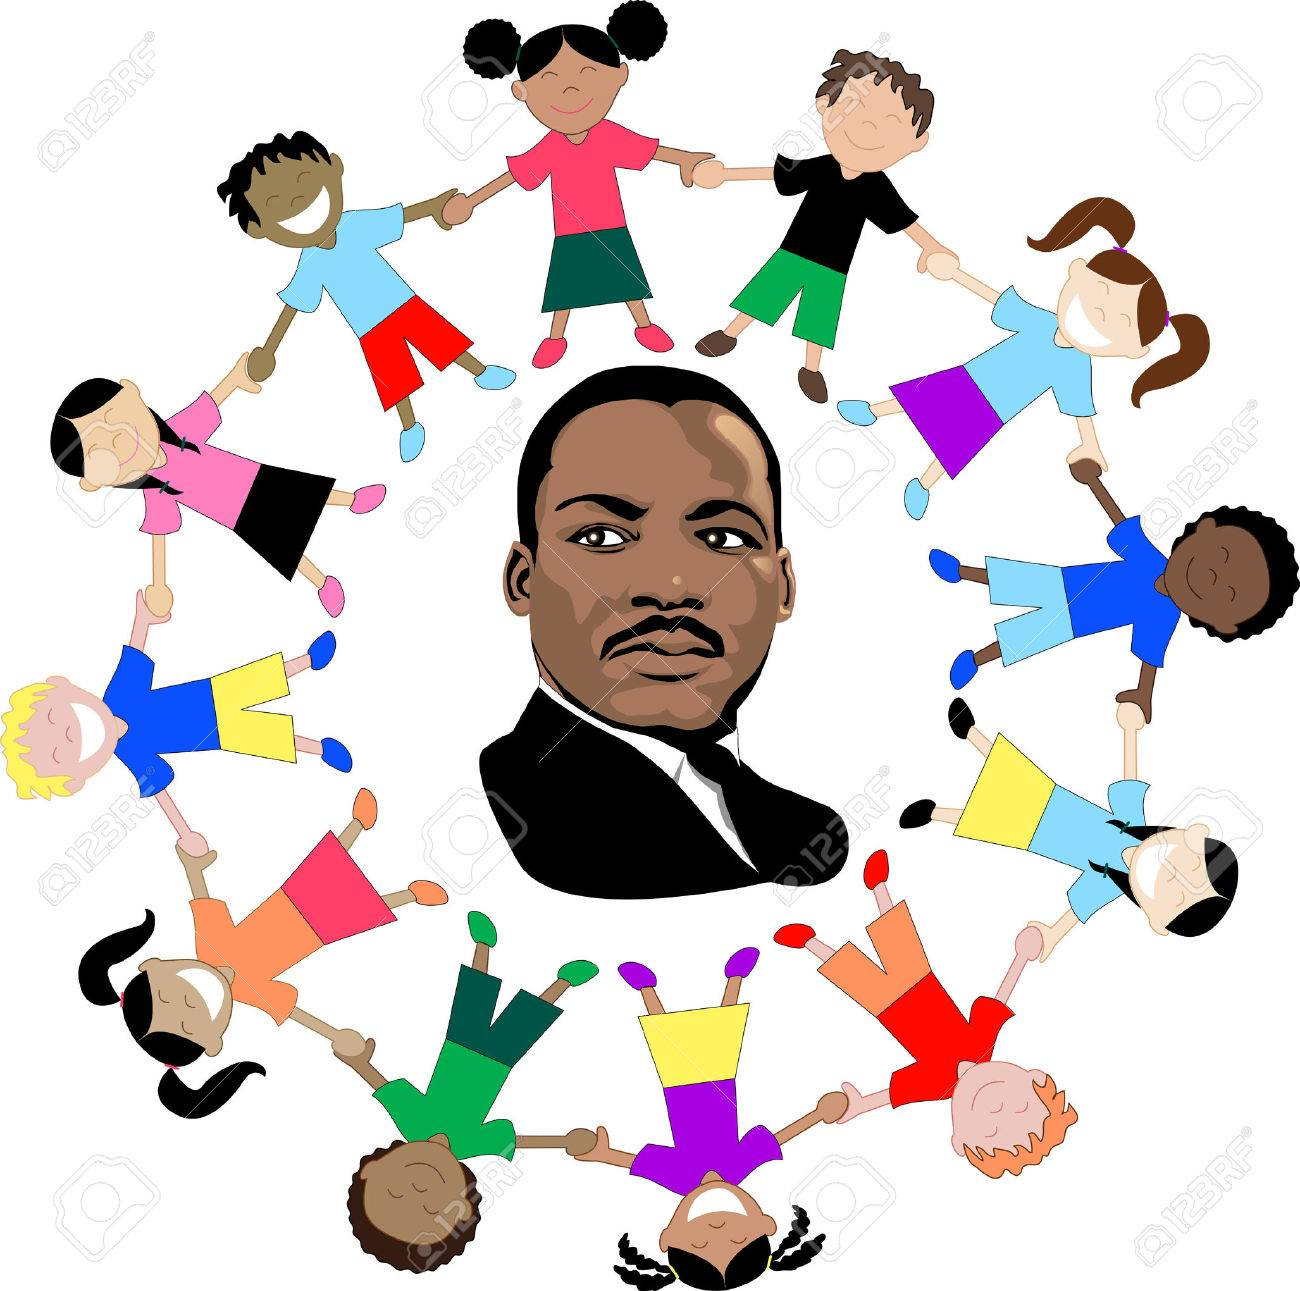 Hermosa Dibujos Para Martin Luther King Jr Colección - Enmarcado ...